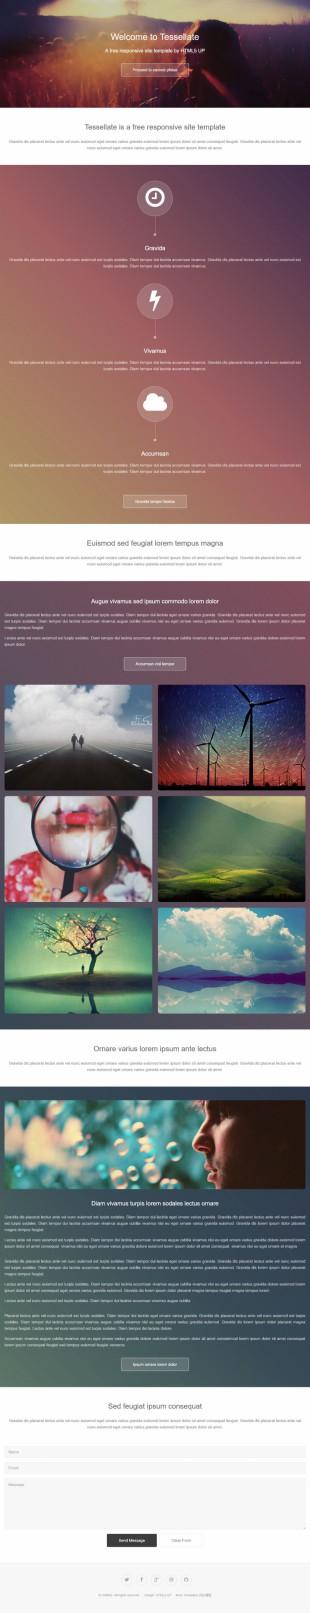 大图背景扁平化潮流设计风格html5英文网站模板电脑图片